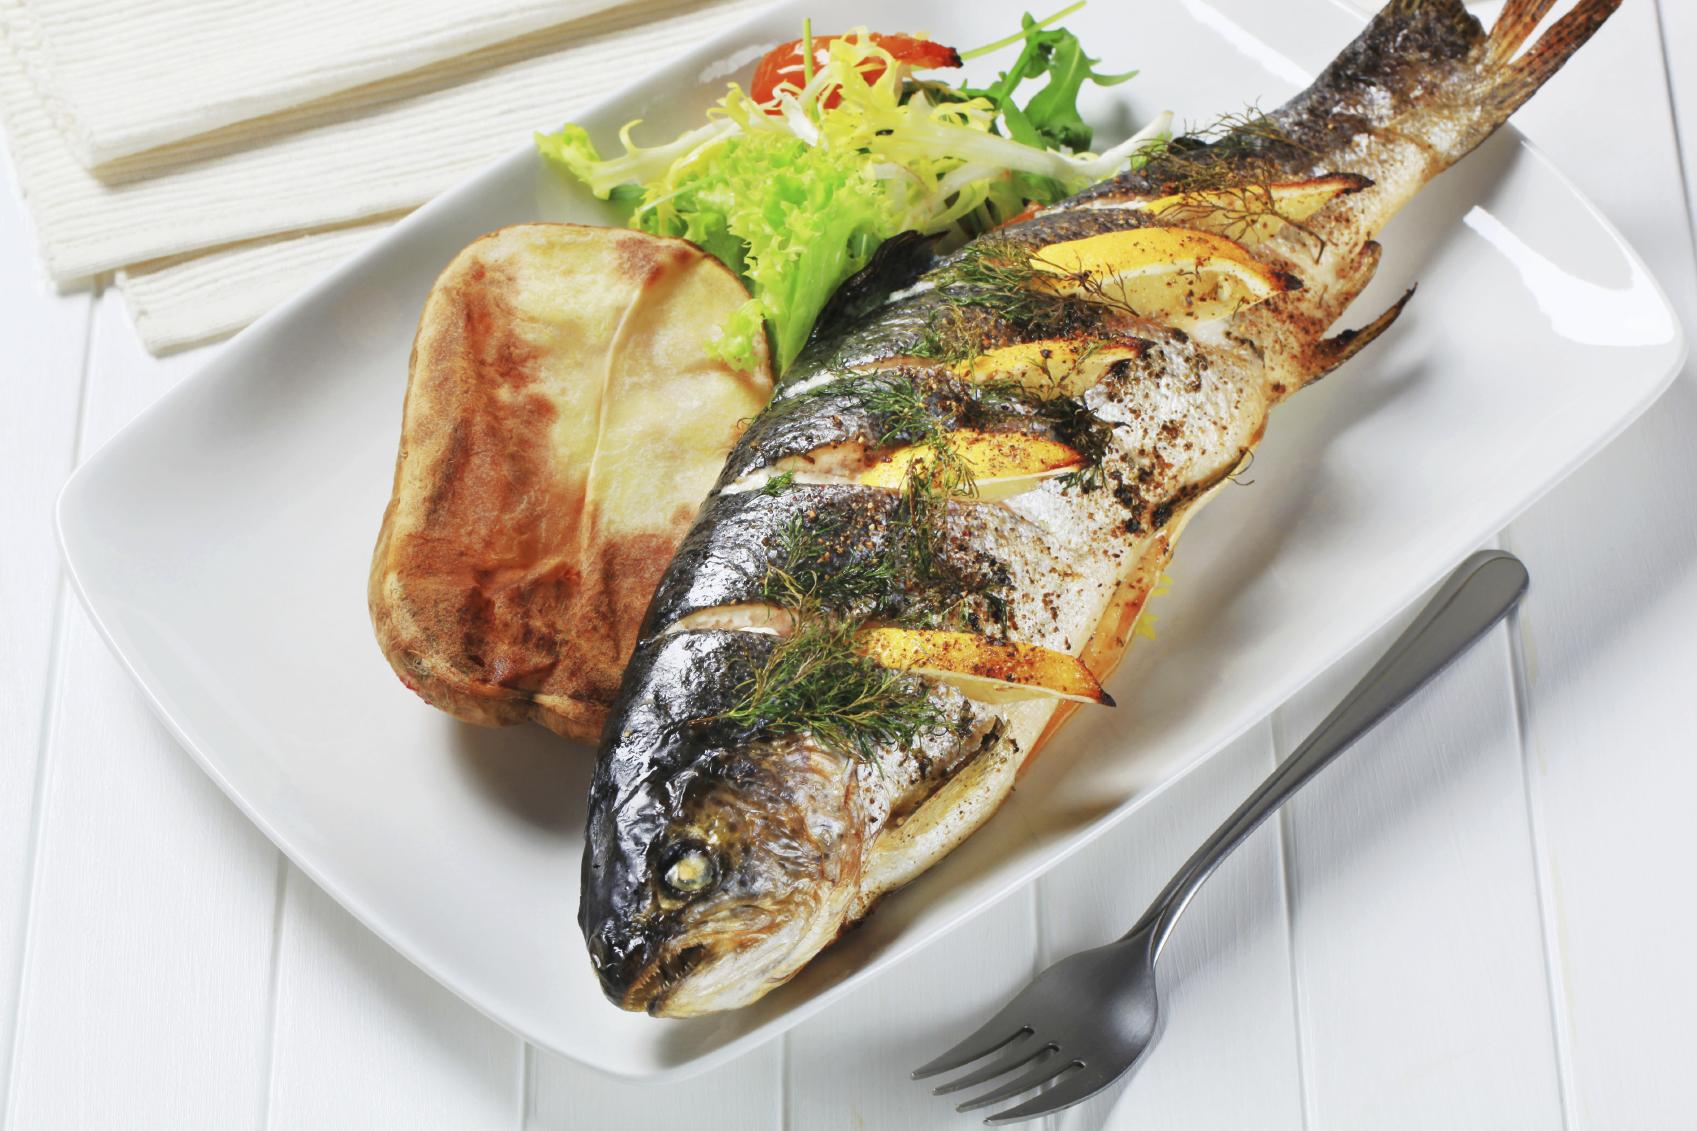 Gravide fravælger fisk